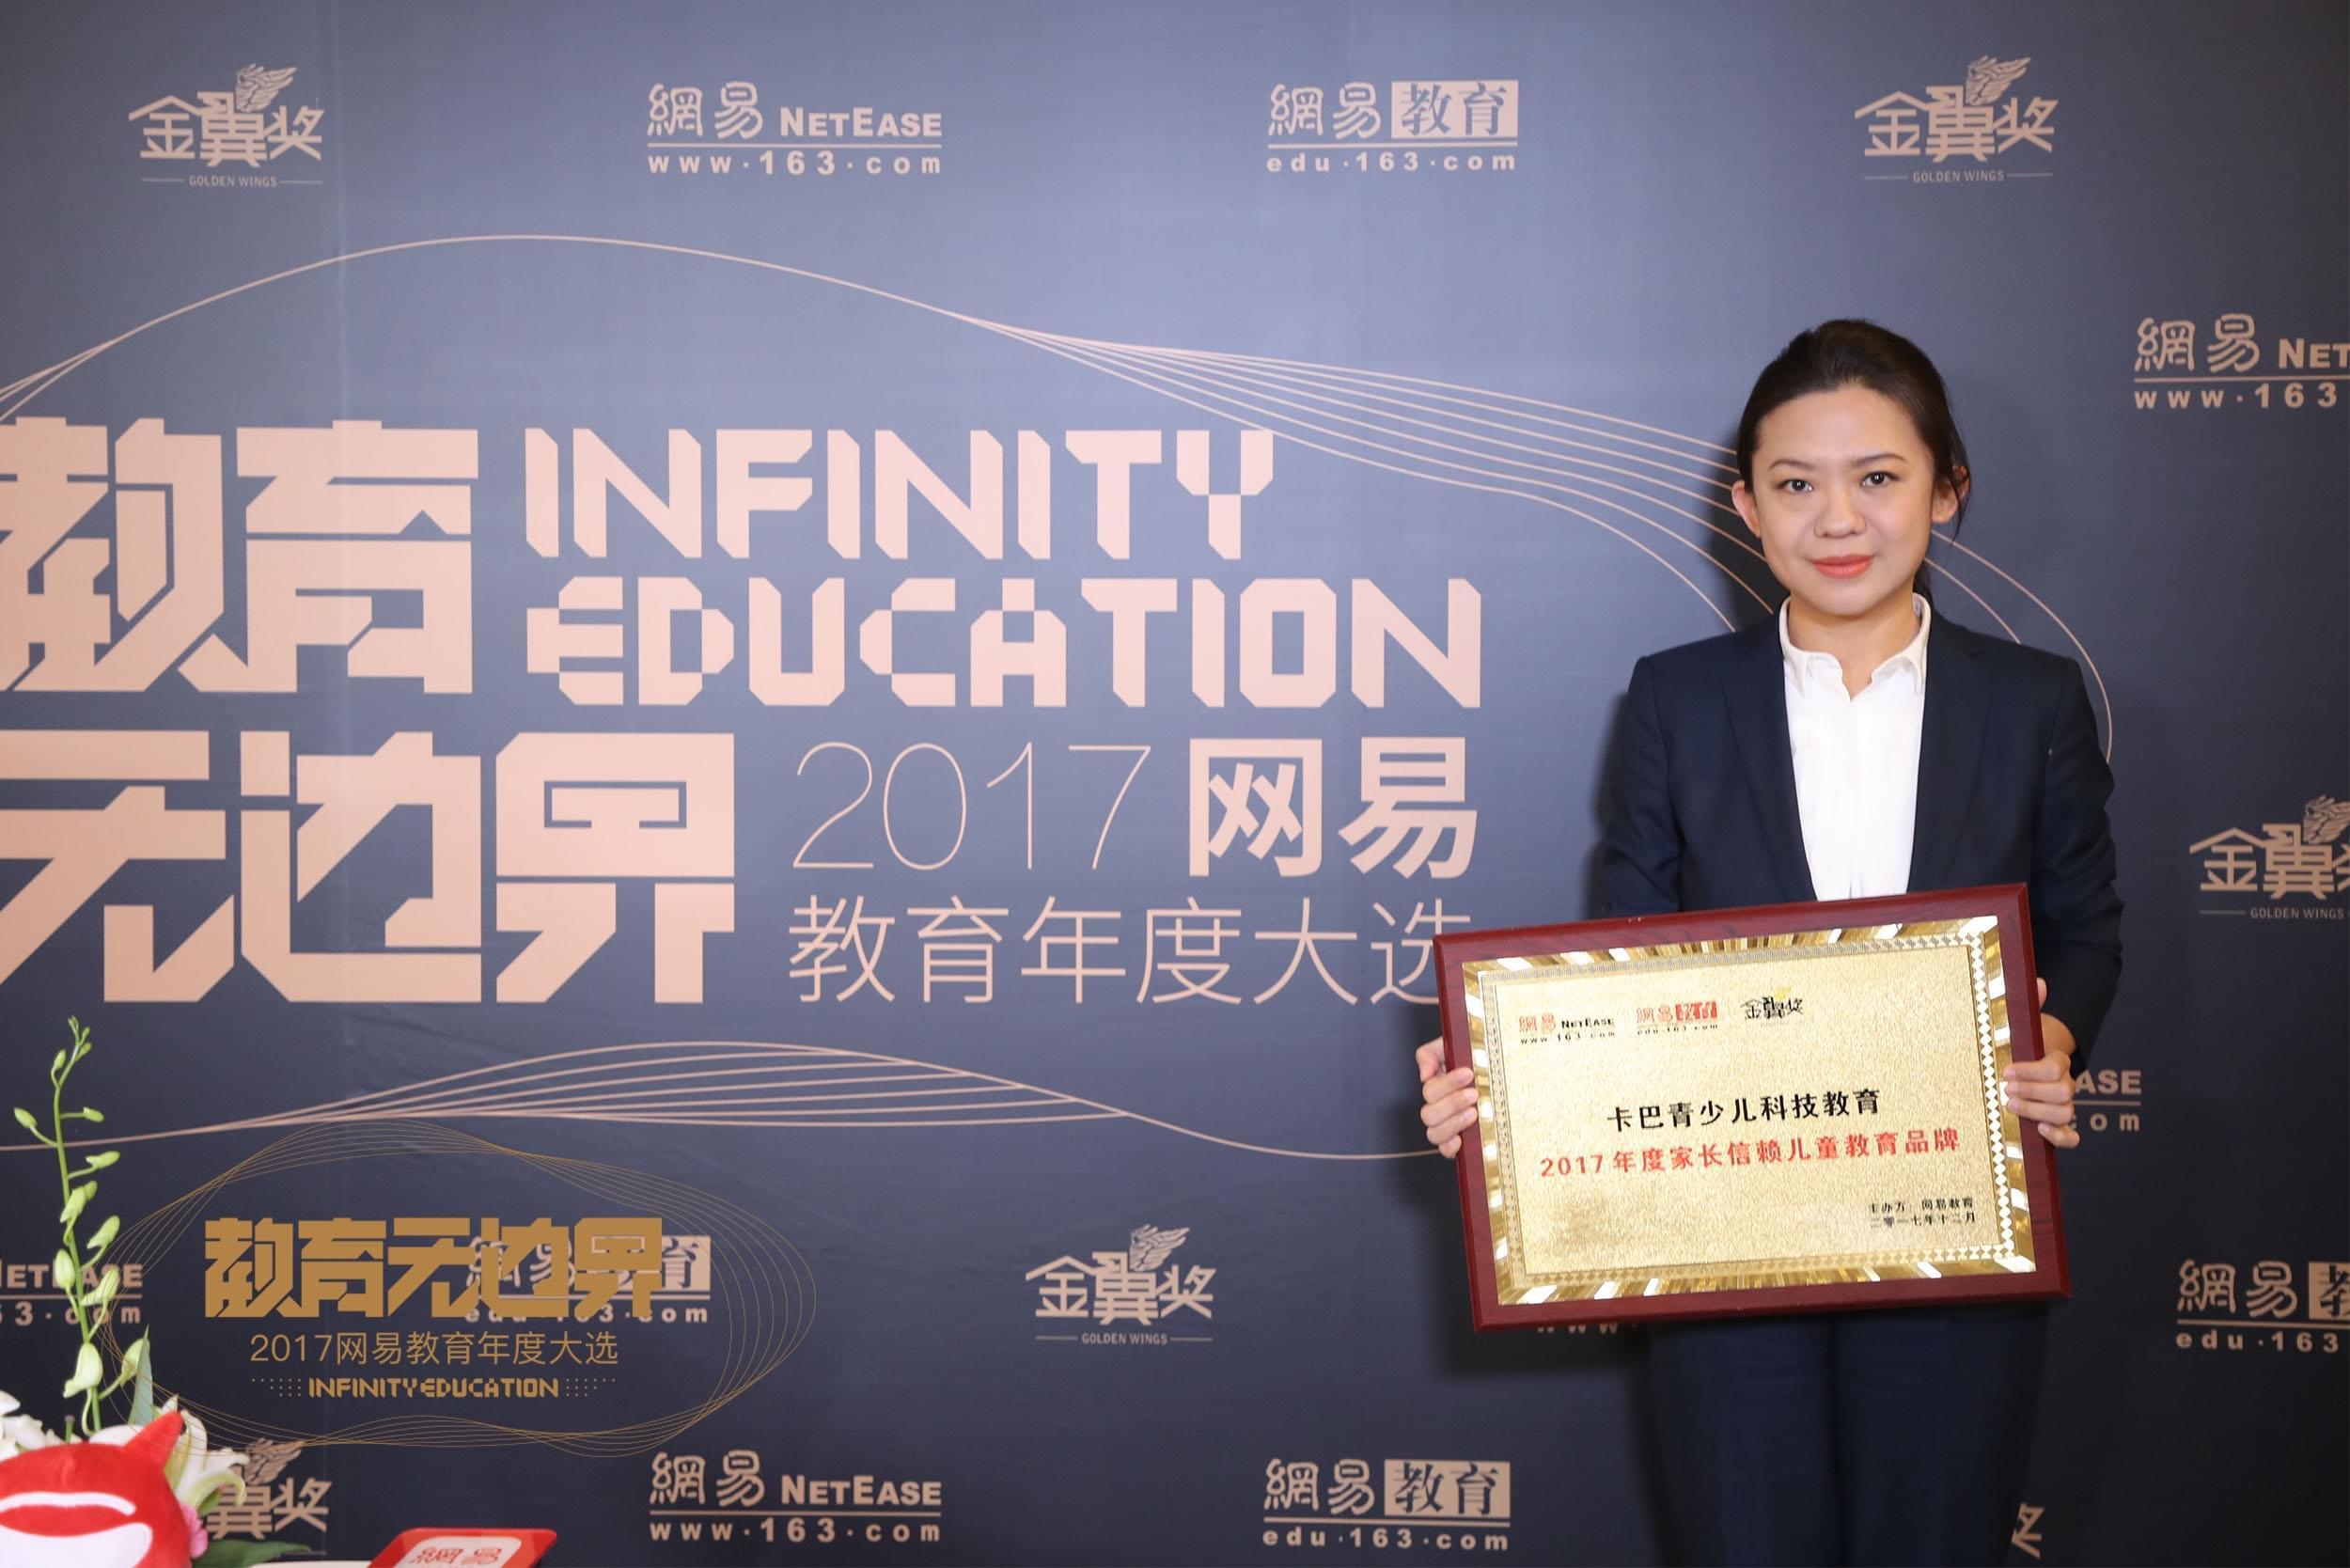 卡巴青少儿科技教育田晓娜:让科学教育走向国际